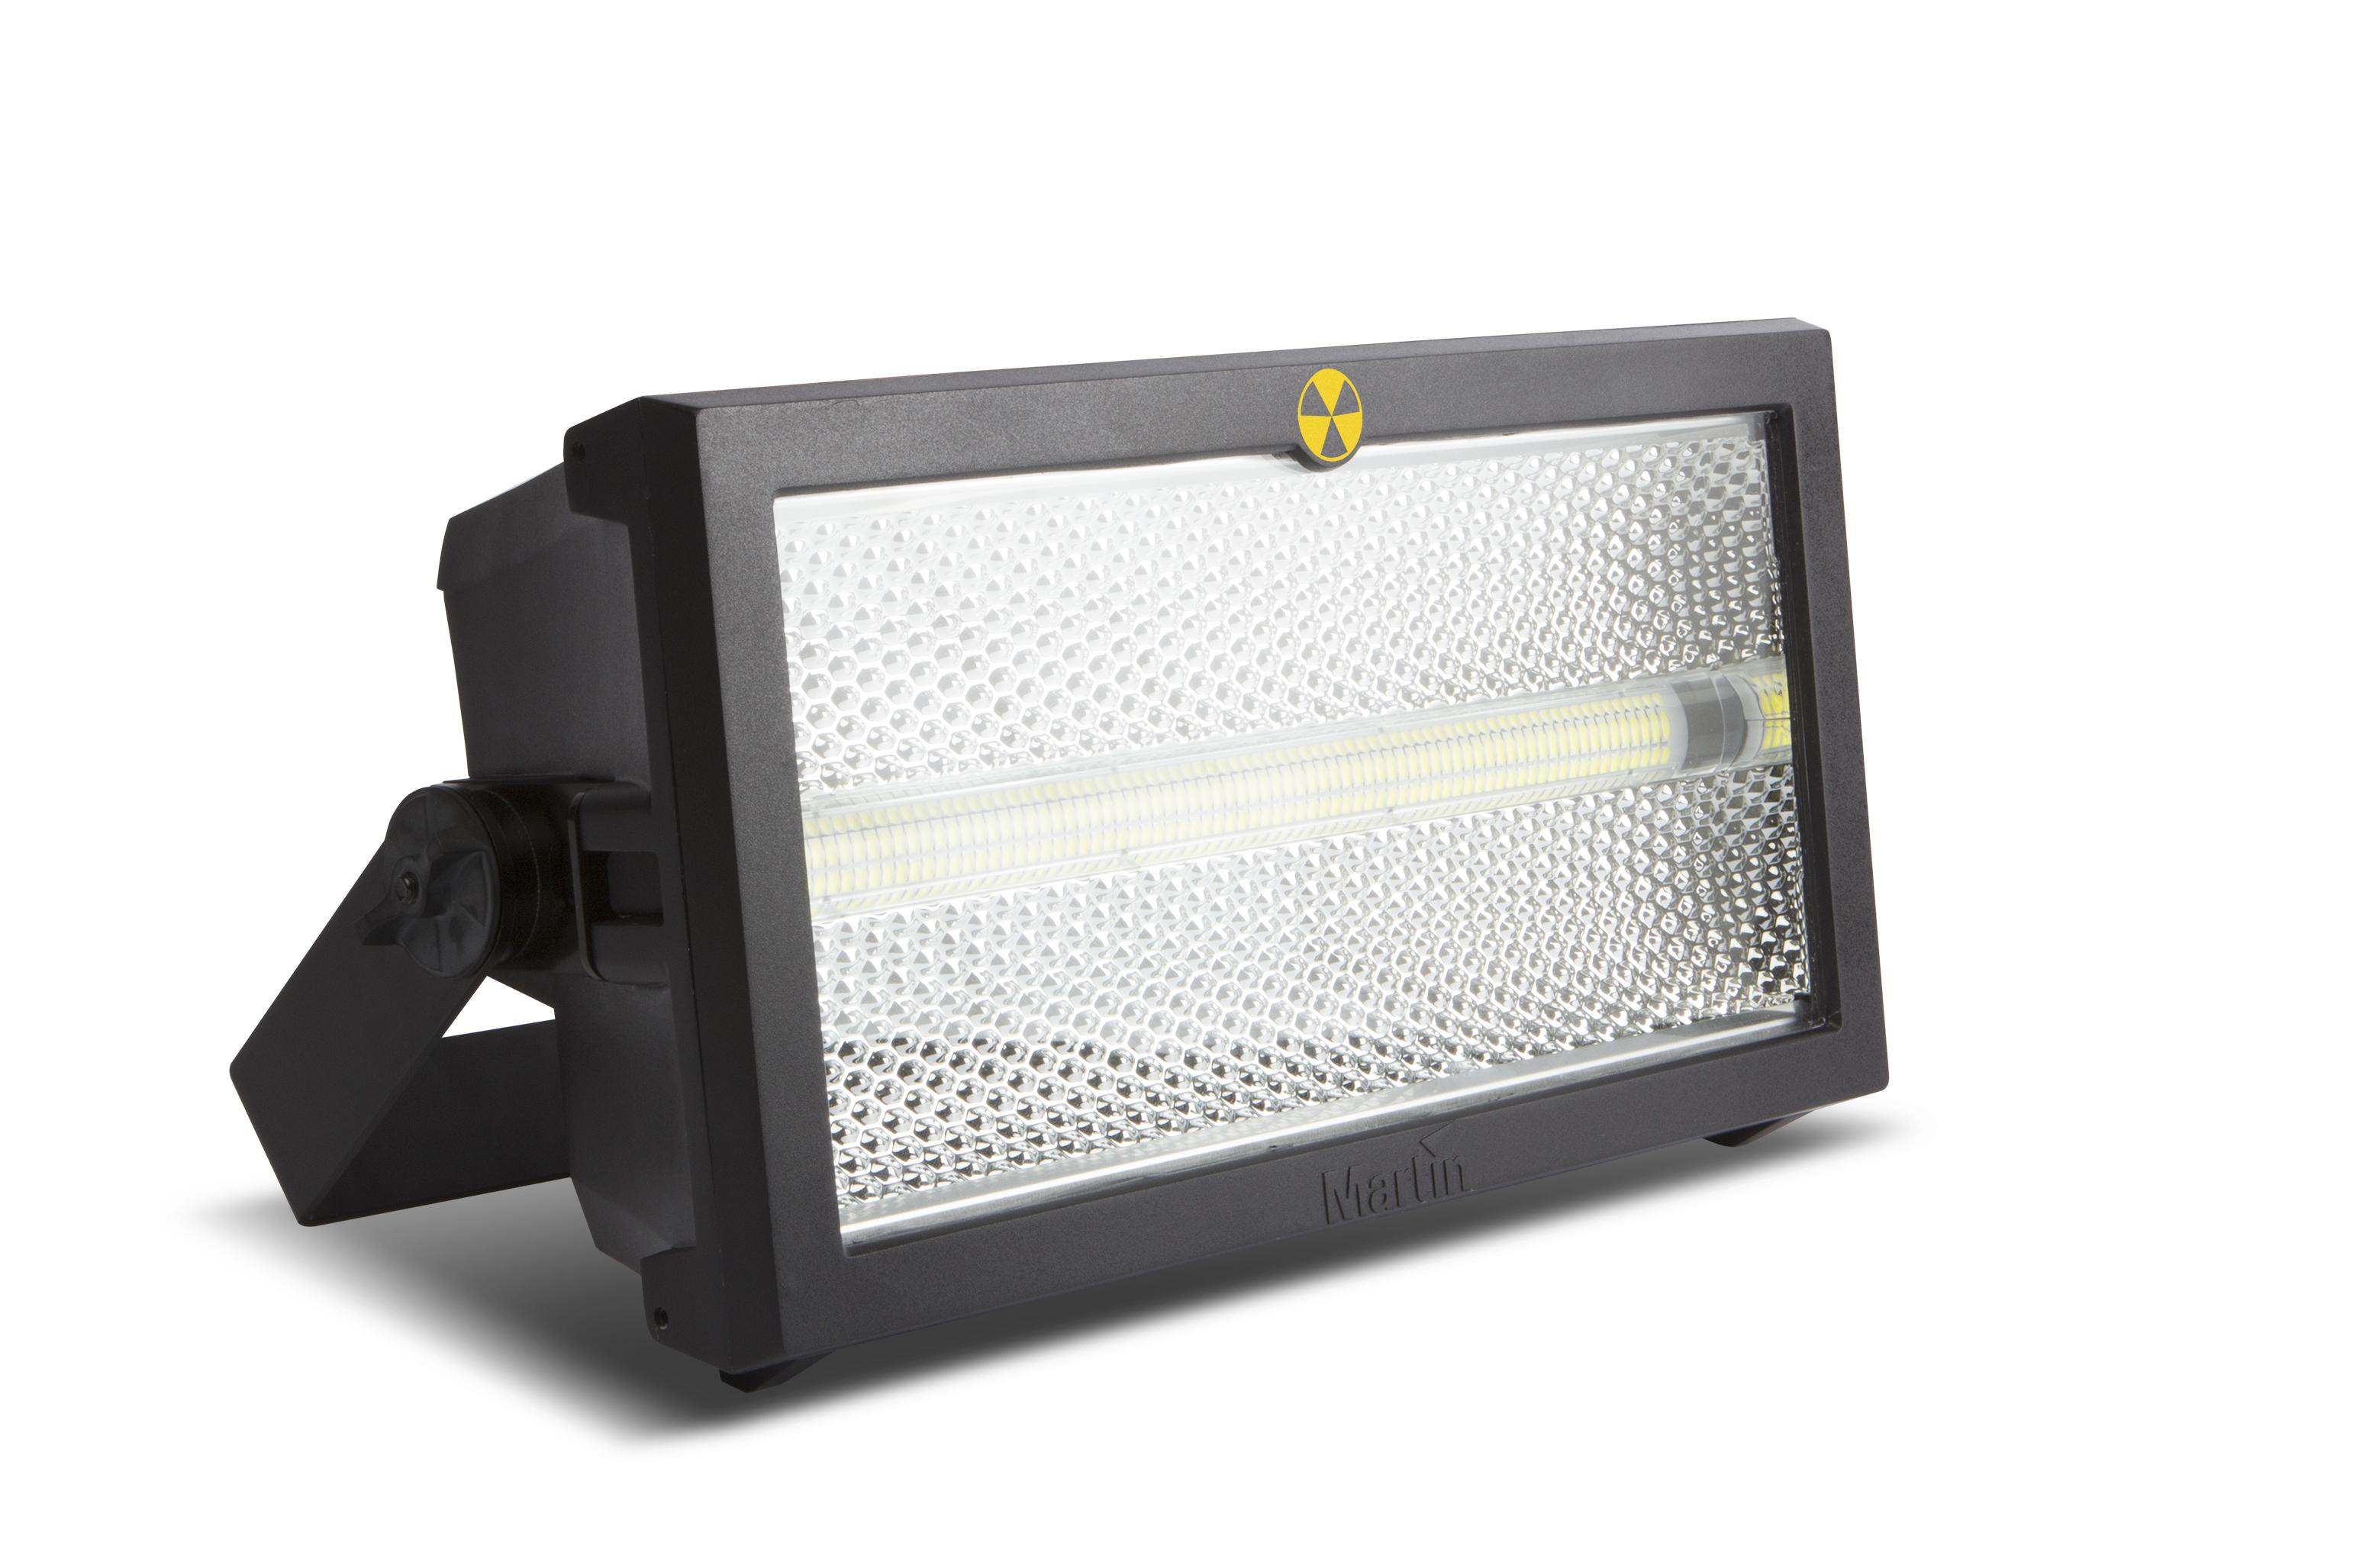 ldi 15 hot new lights for djs clubs. Black Bedroom Furniture Sets. Home Design Ideas